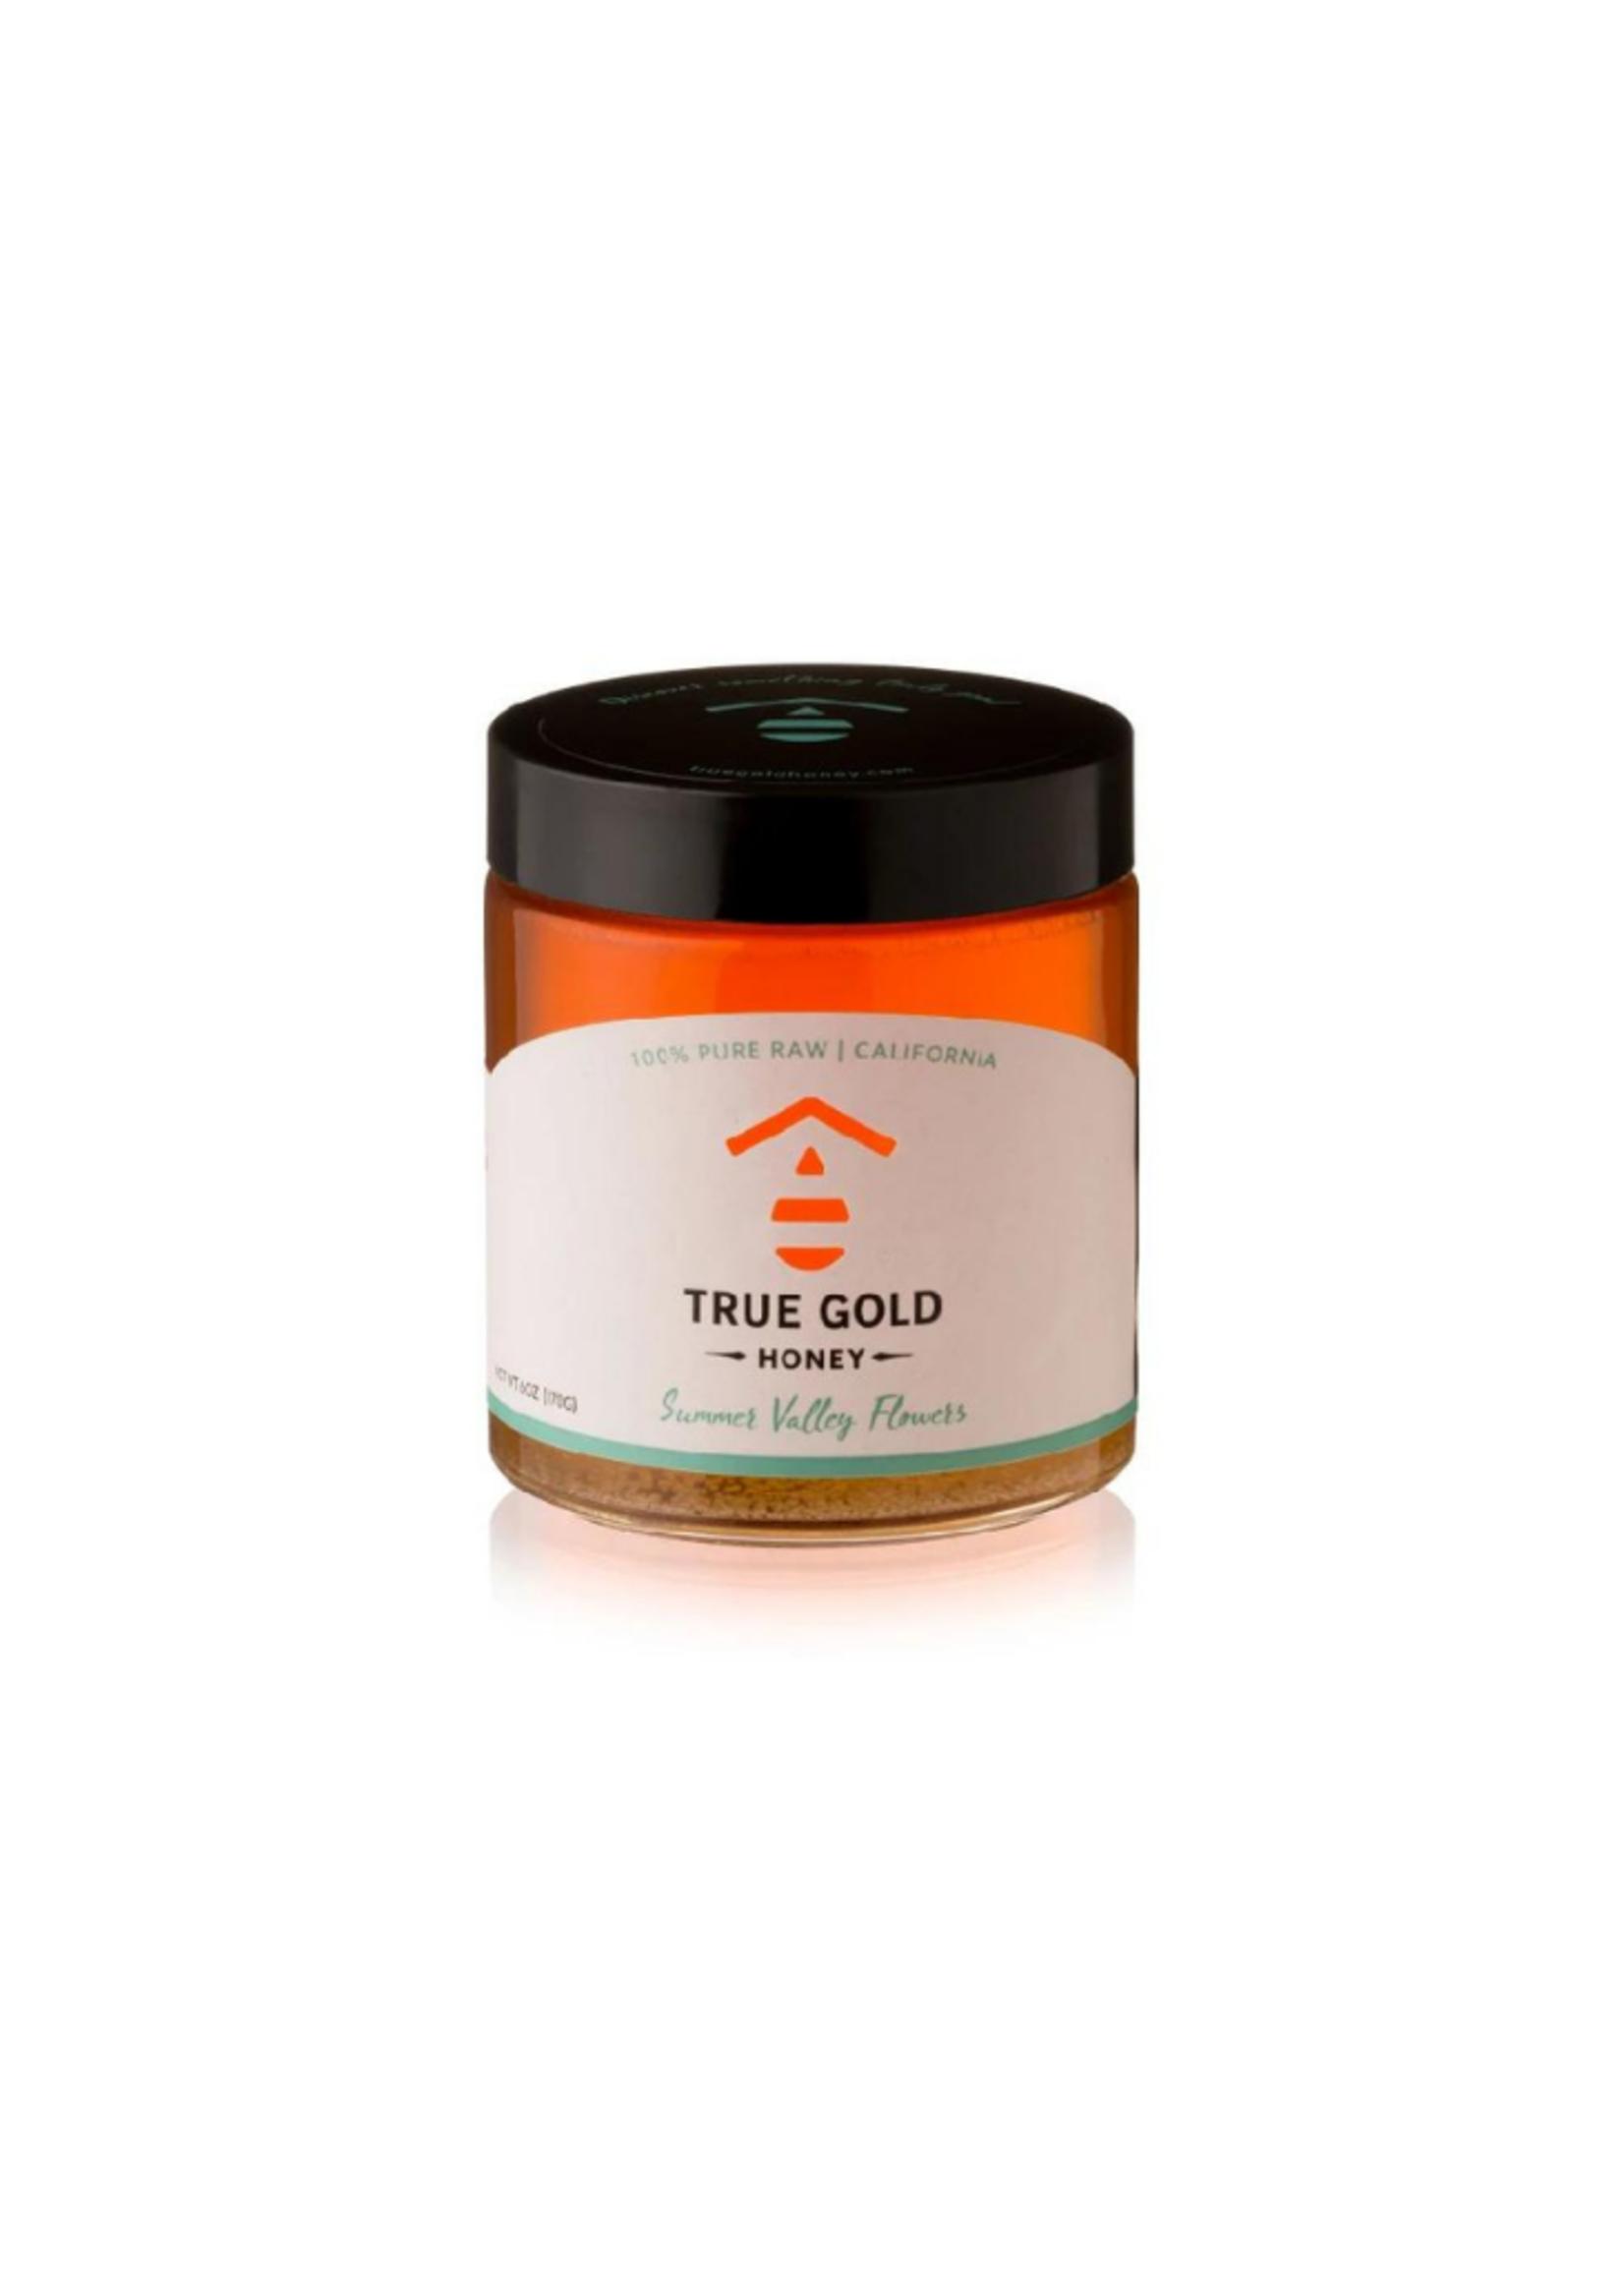 True Gold Honey 6 oz Summer Valley Flowers Honey